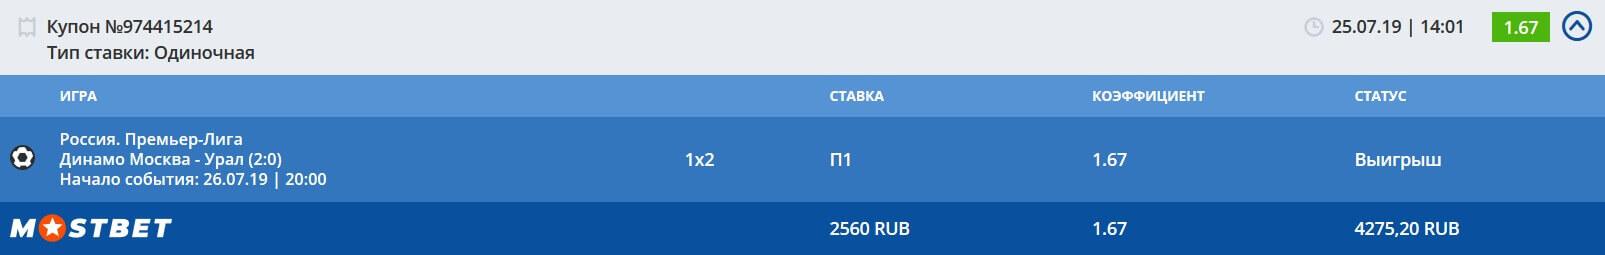 Динамо Москва - Урал, Результаты Ставки